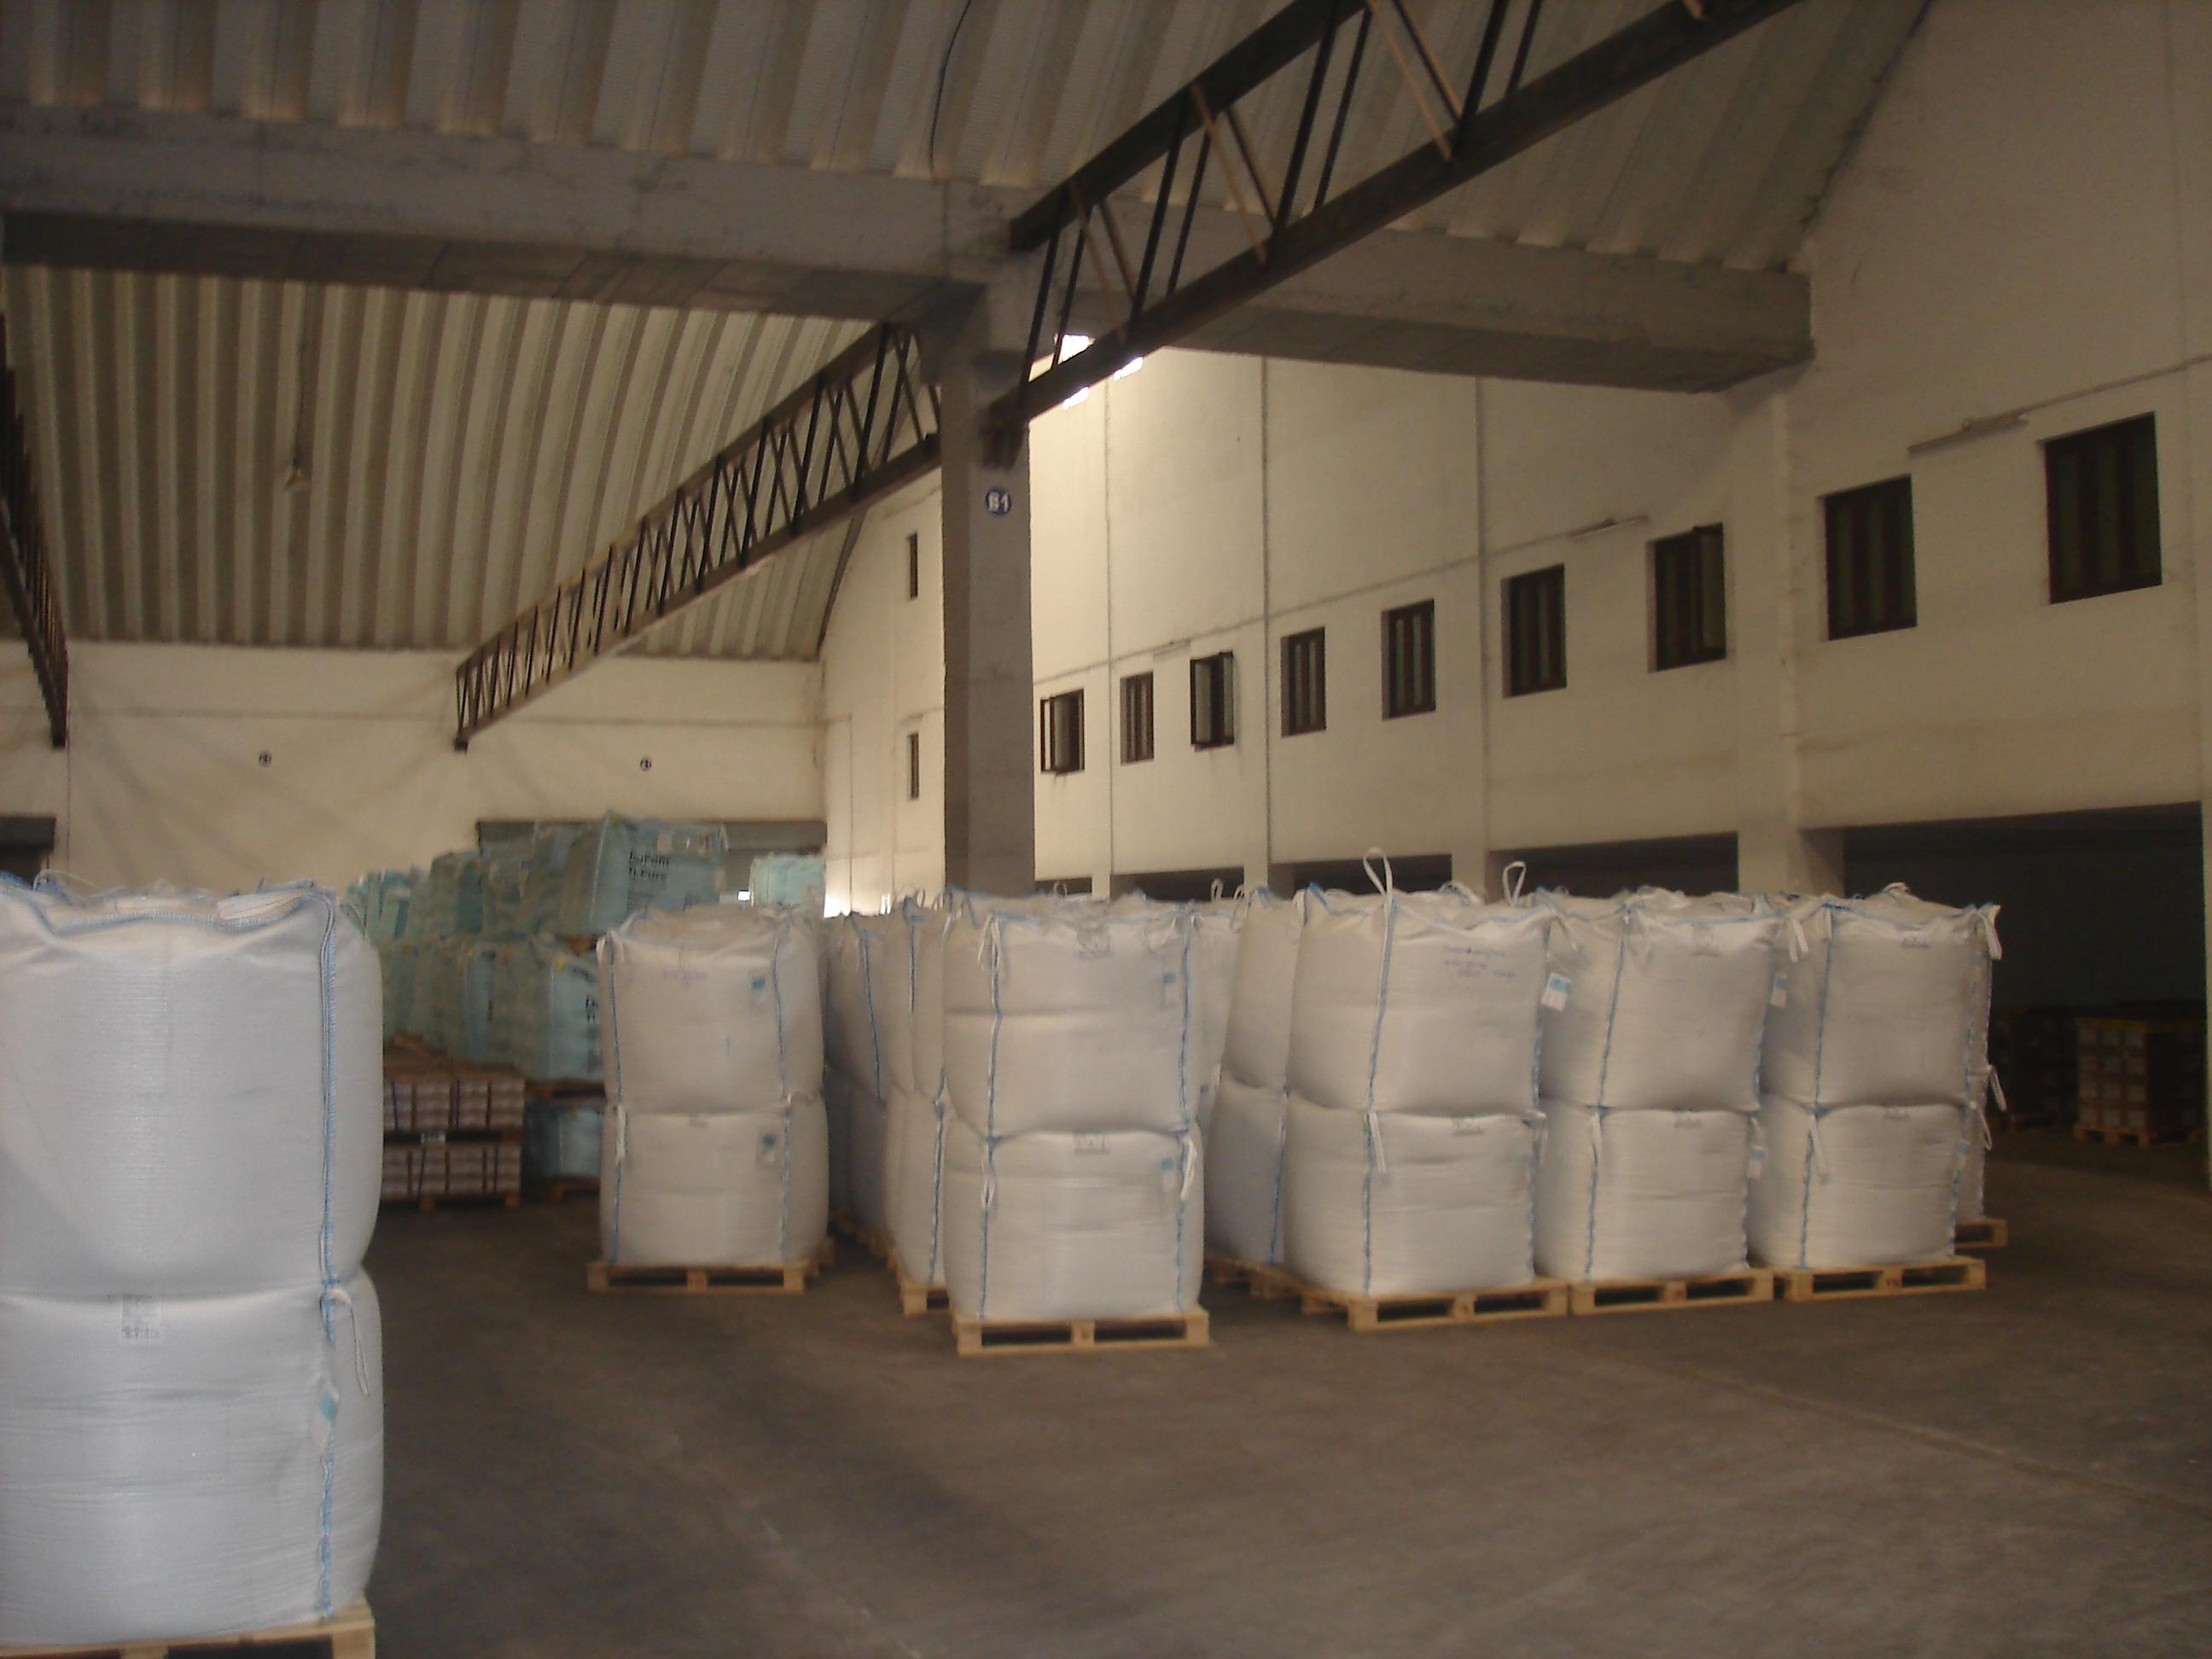 Olymic Warehouse Image 15